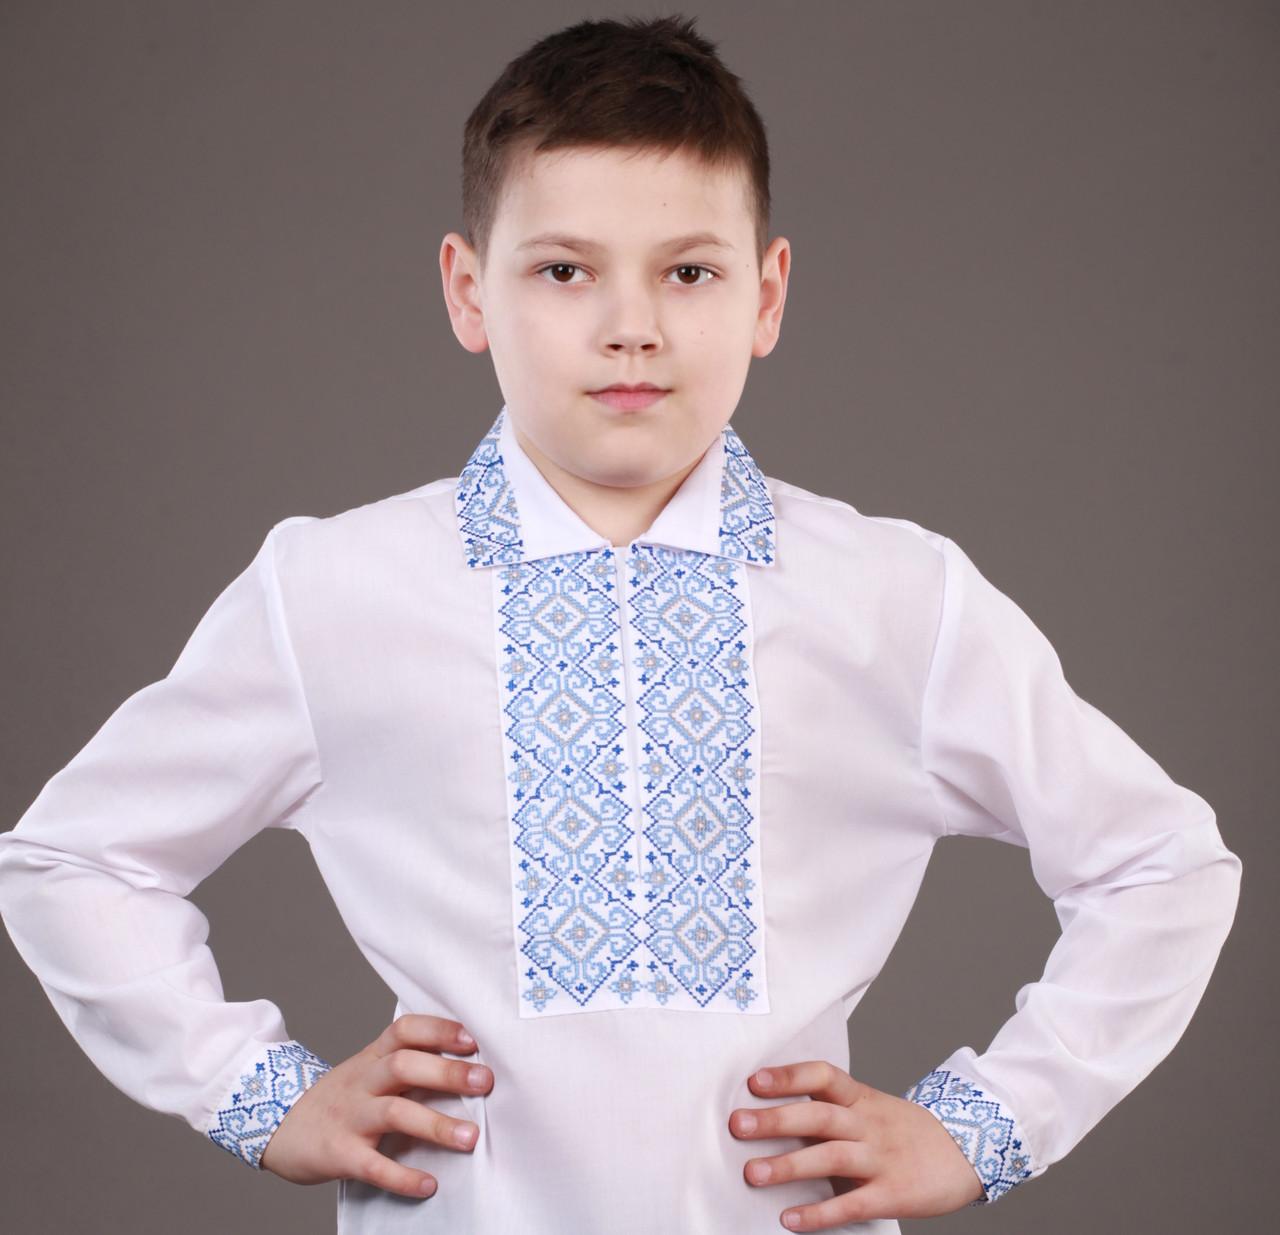 7a31086f3872b9 Красивая вышиванка для мальчика на кнопках